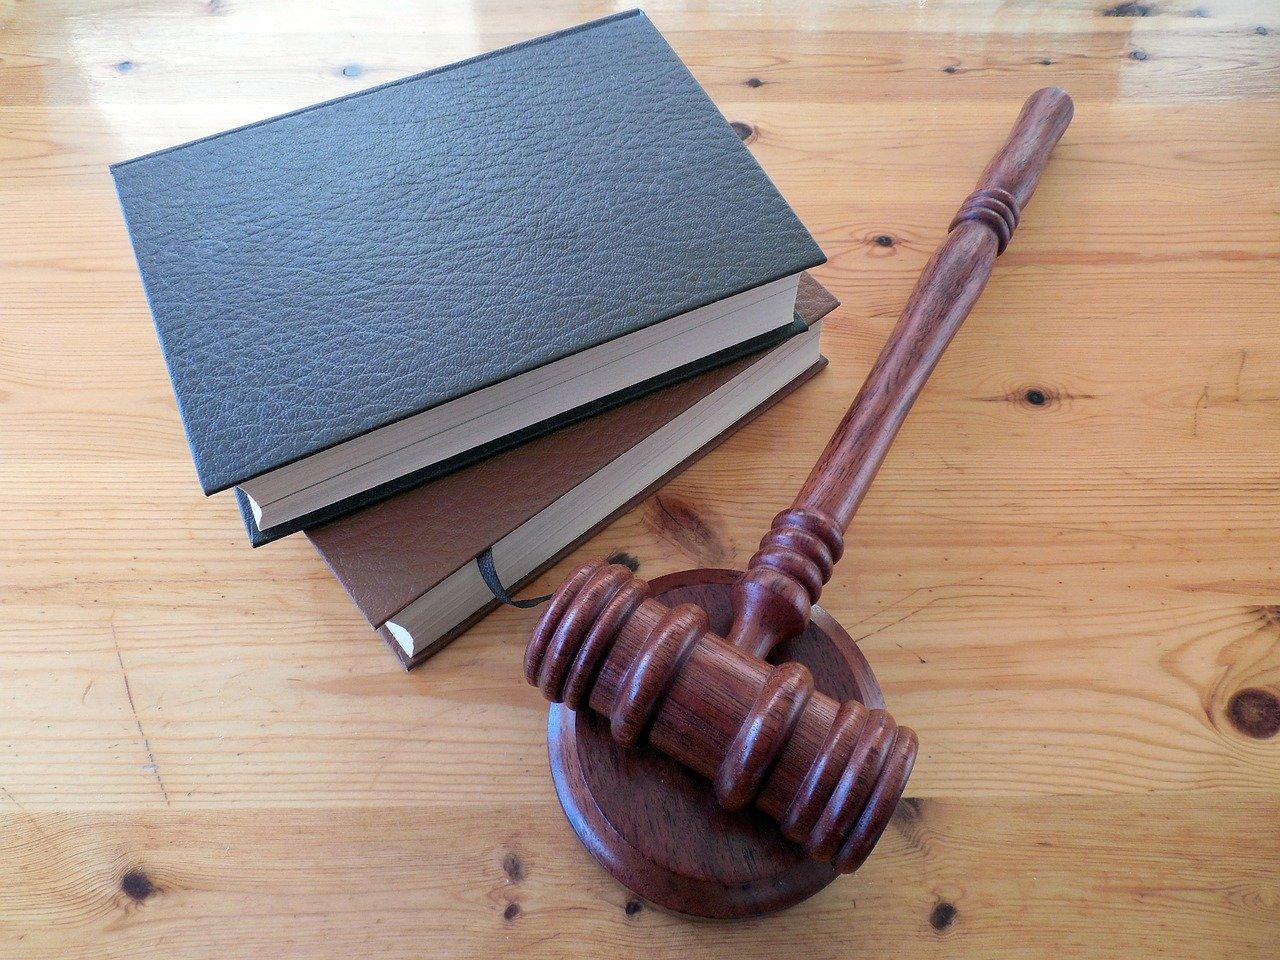 Коллекторы через суд взыскали долг по микрокредиту с жителя Торопца - новости Афанасий